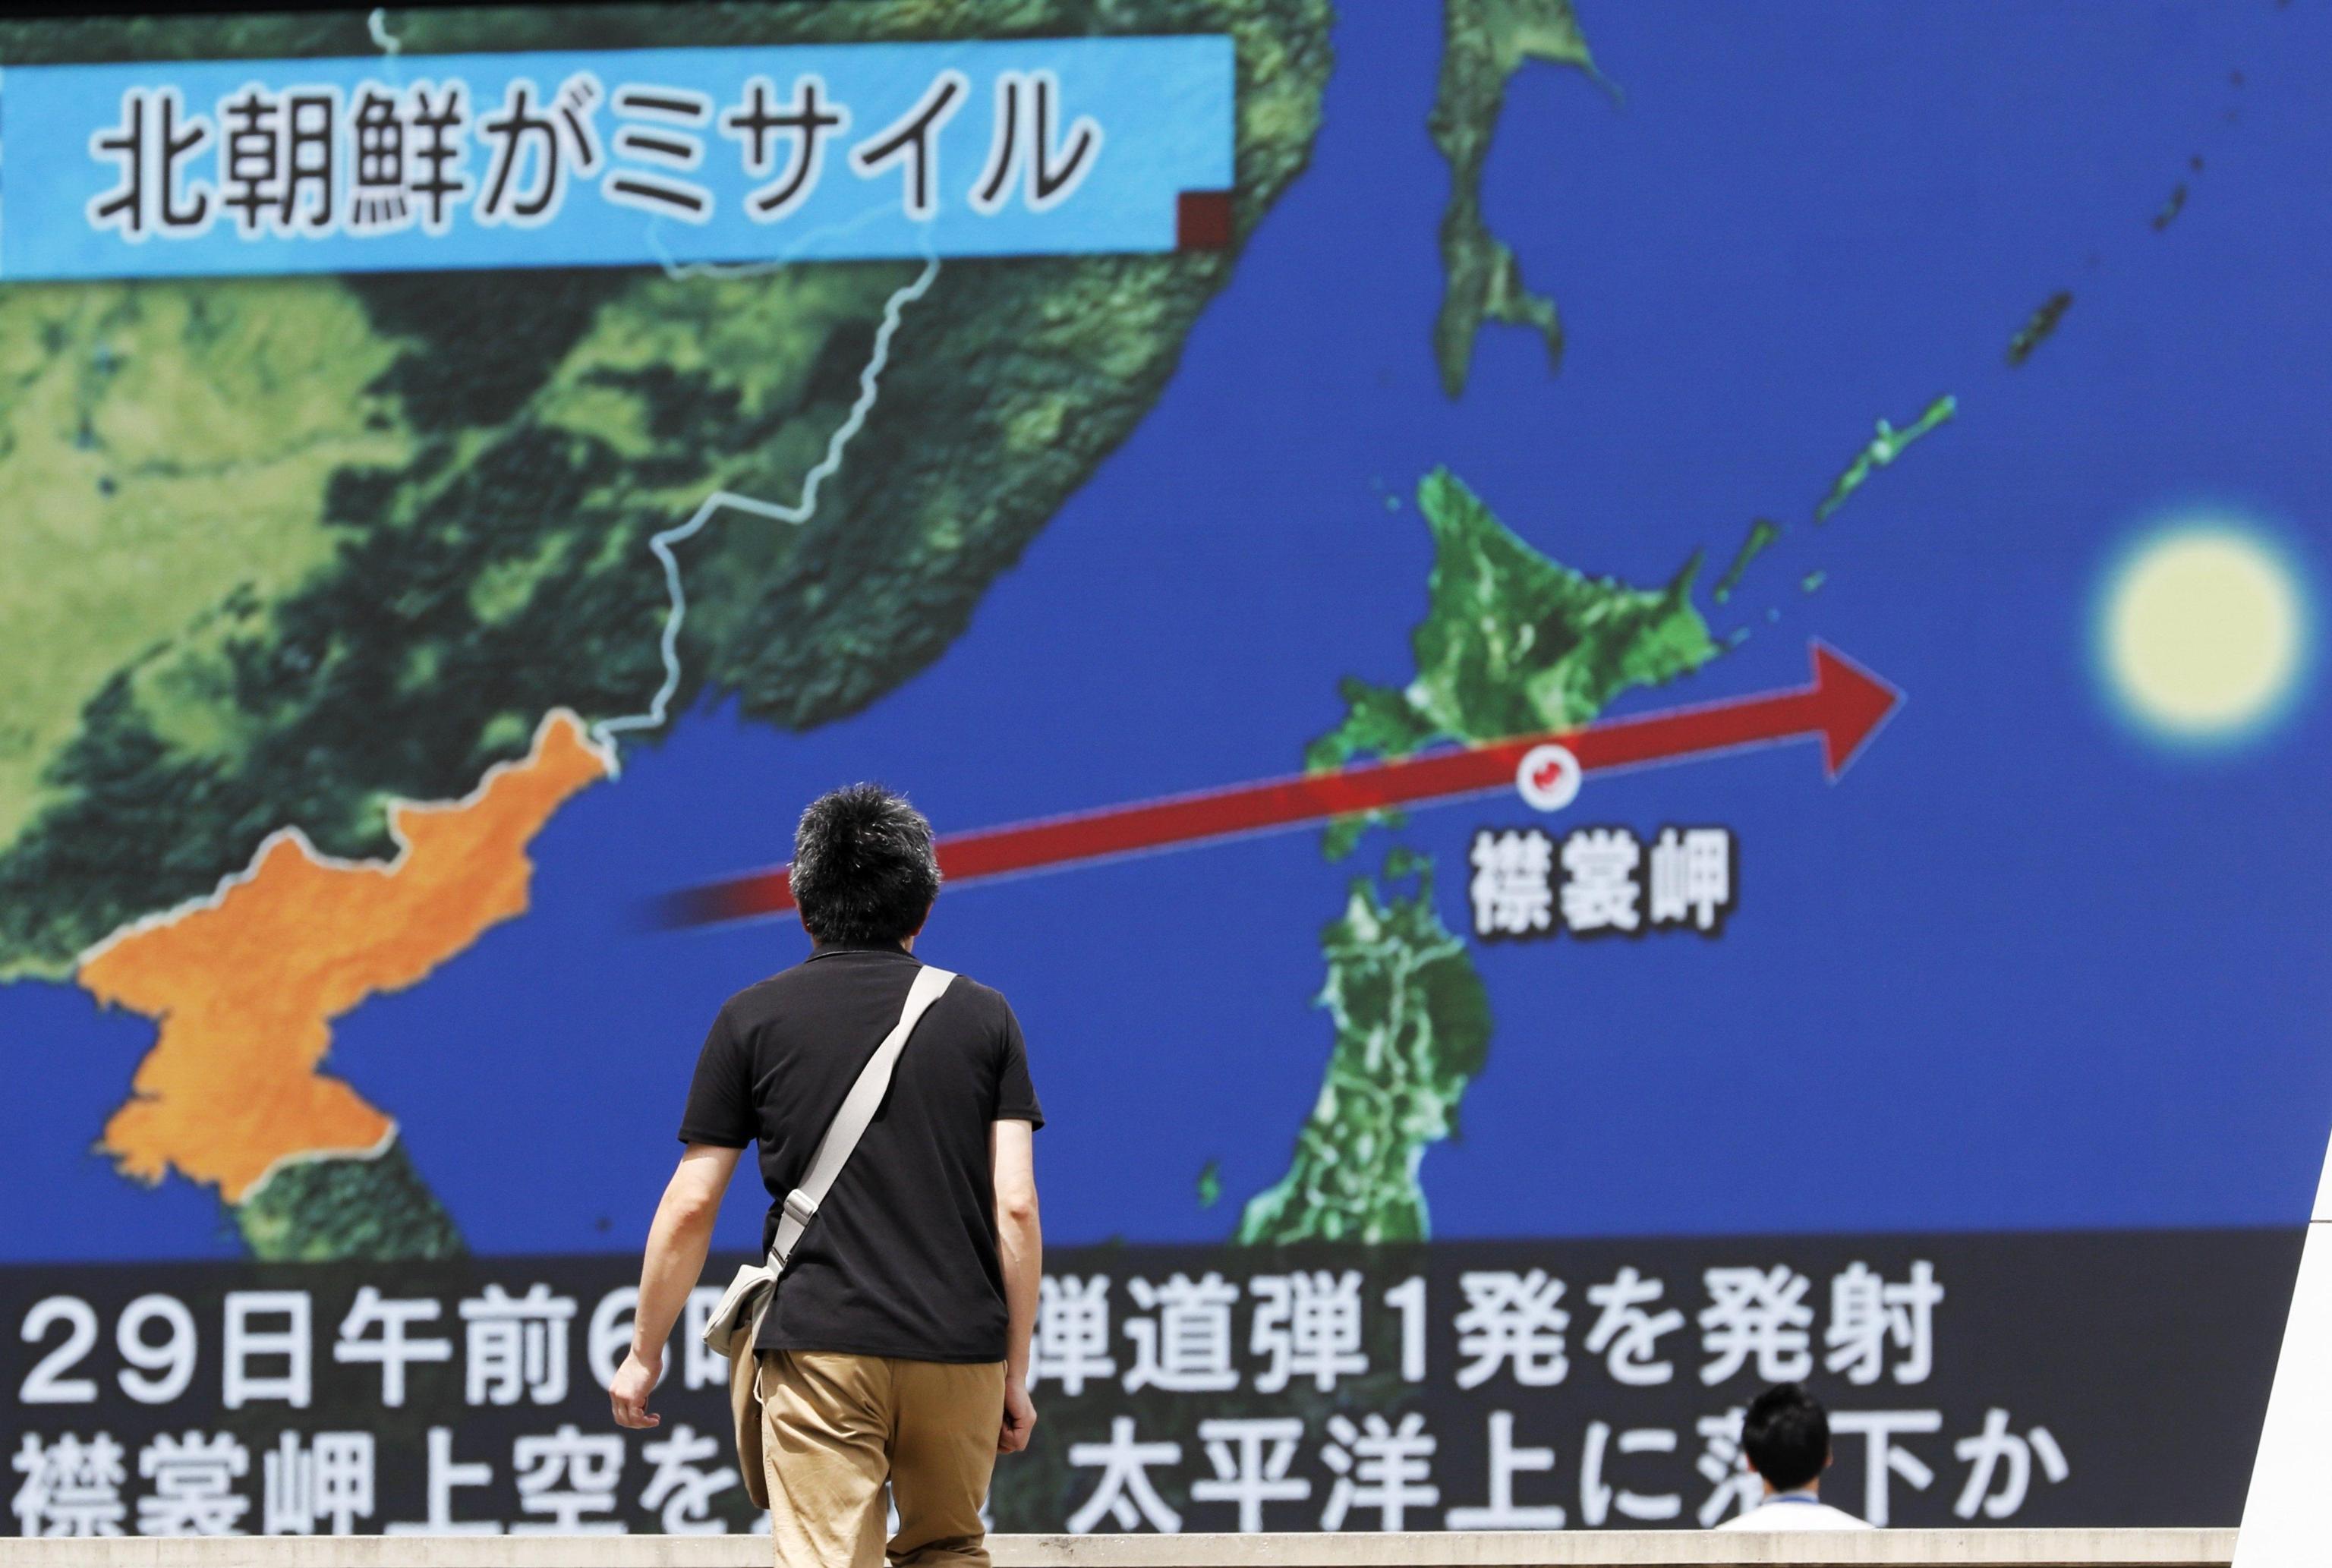 La Corea del Nord lancia un missile contro il Giappone: 'Azione senza precedenti'